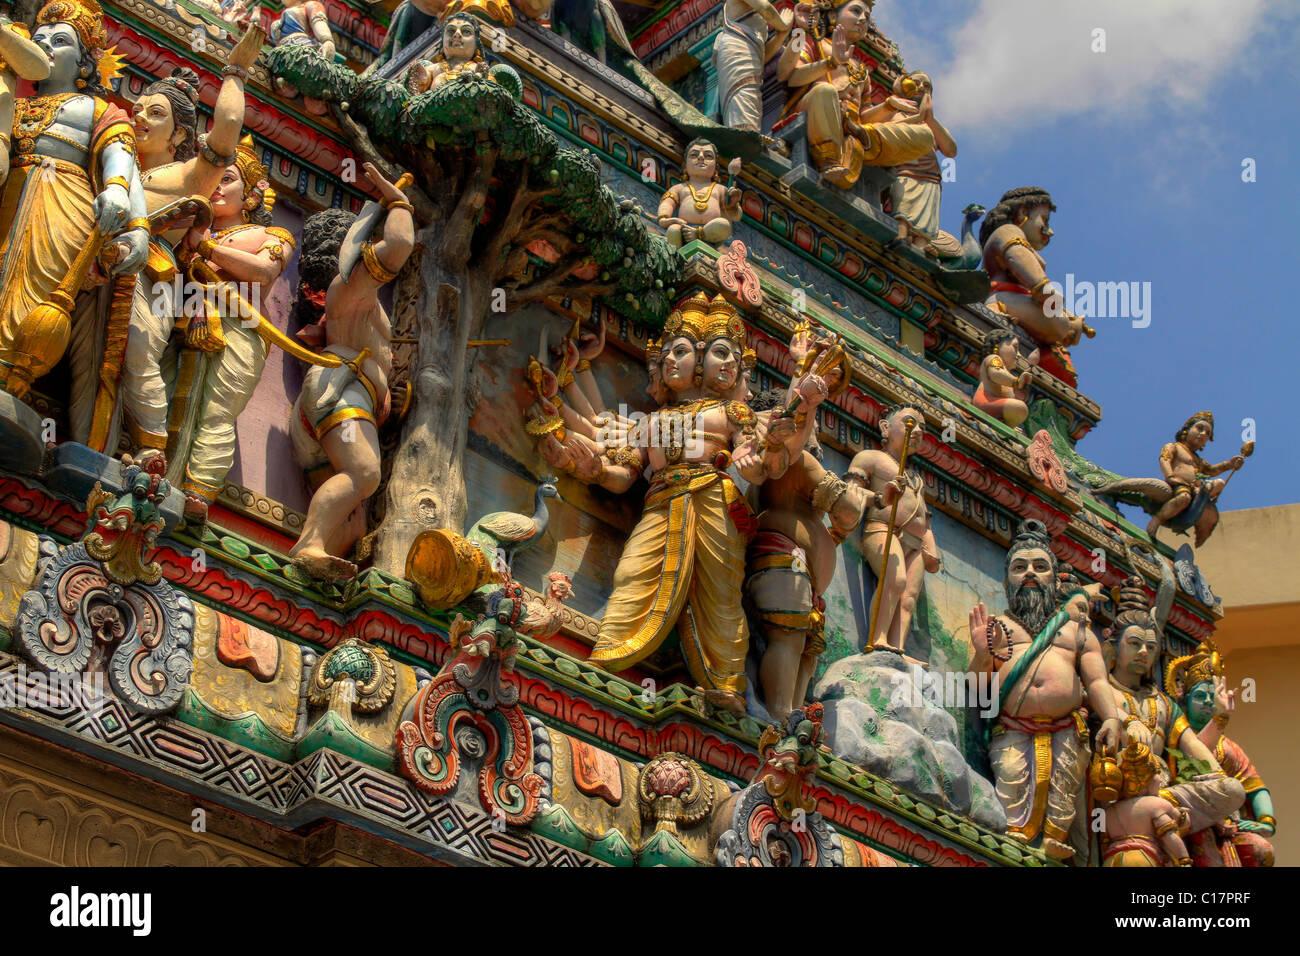 Sri Veeramakaliamman Hindu temple deities in Serangoon Road Singapore 2 - Stock Image